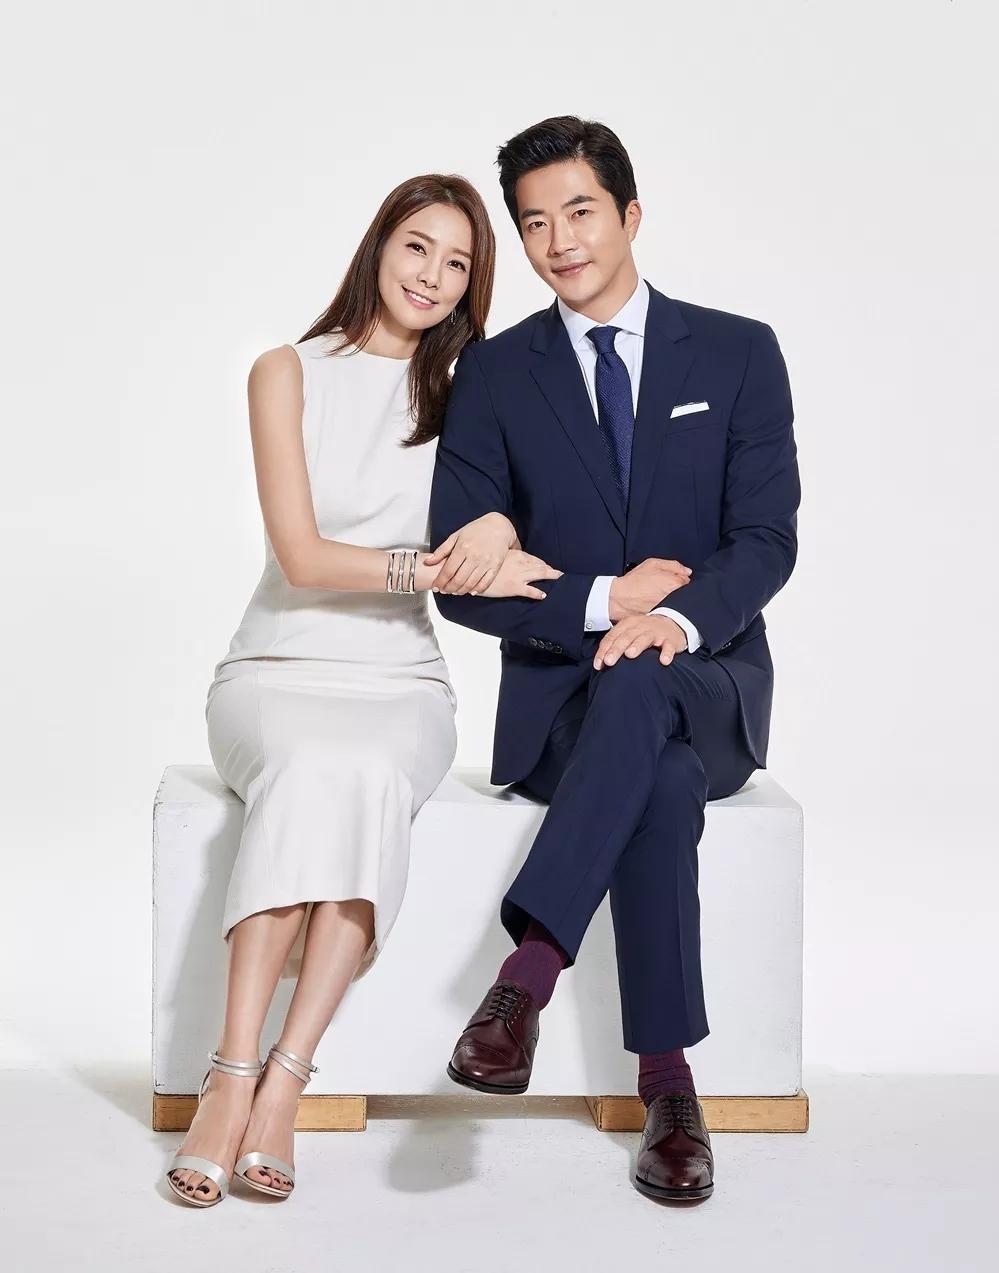 Chuyện tình Kwon Sang Woo và Á hậu 'dâu hụt' đế chế Samsung: Từ tin đồn 'đào mỏ', ngoại tình đến gia đình danh giá nhất Kbiz - Ảnh 1